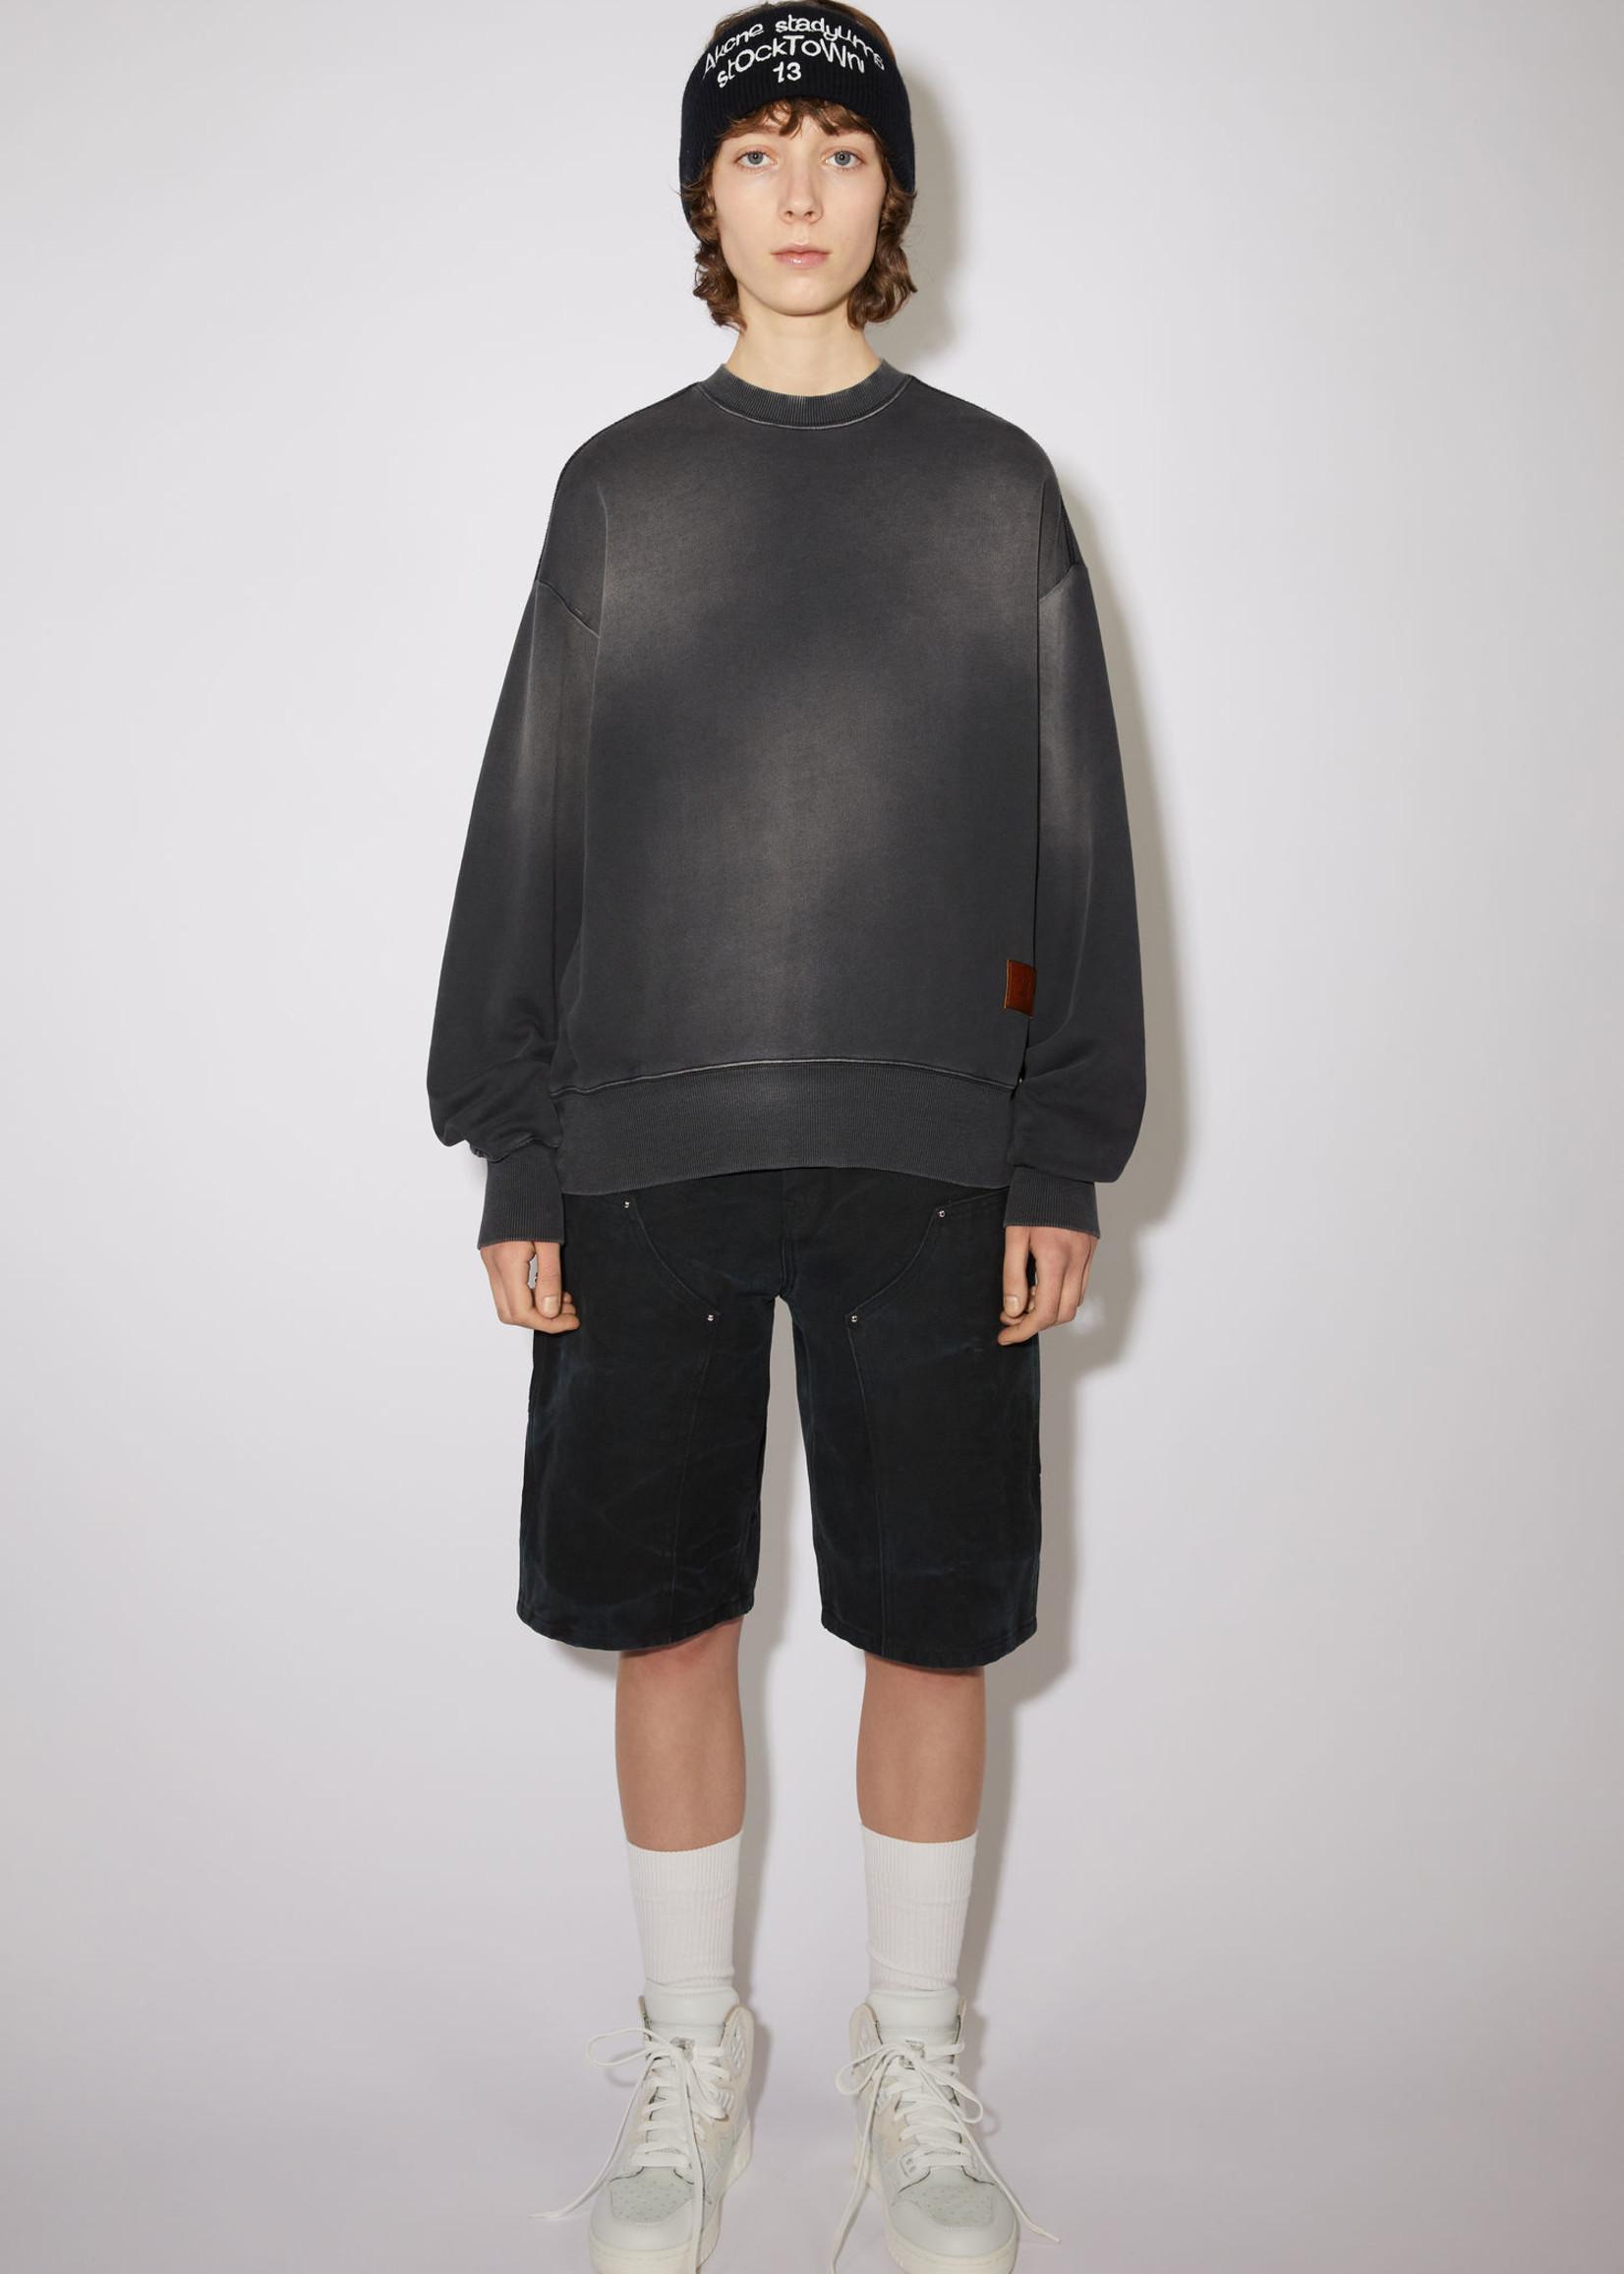 Acnestudios Acnestudios  sweatshirt face used  black